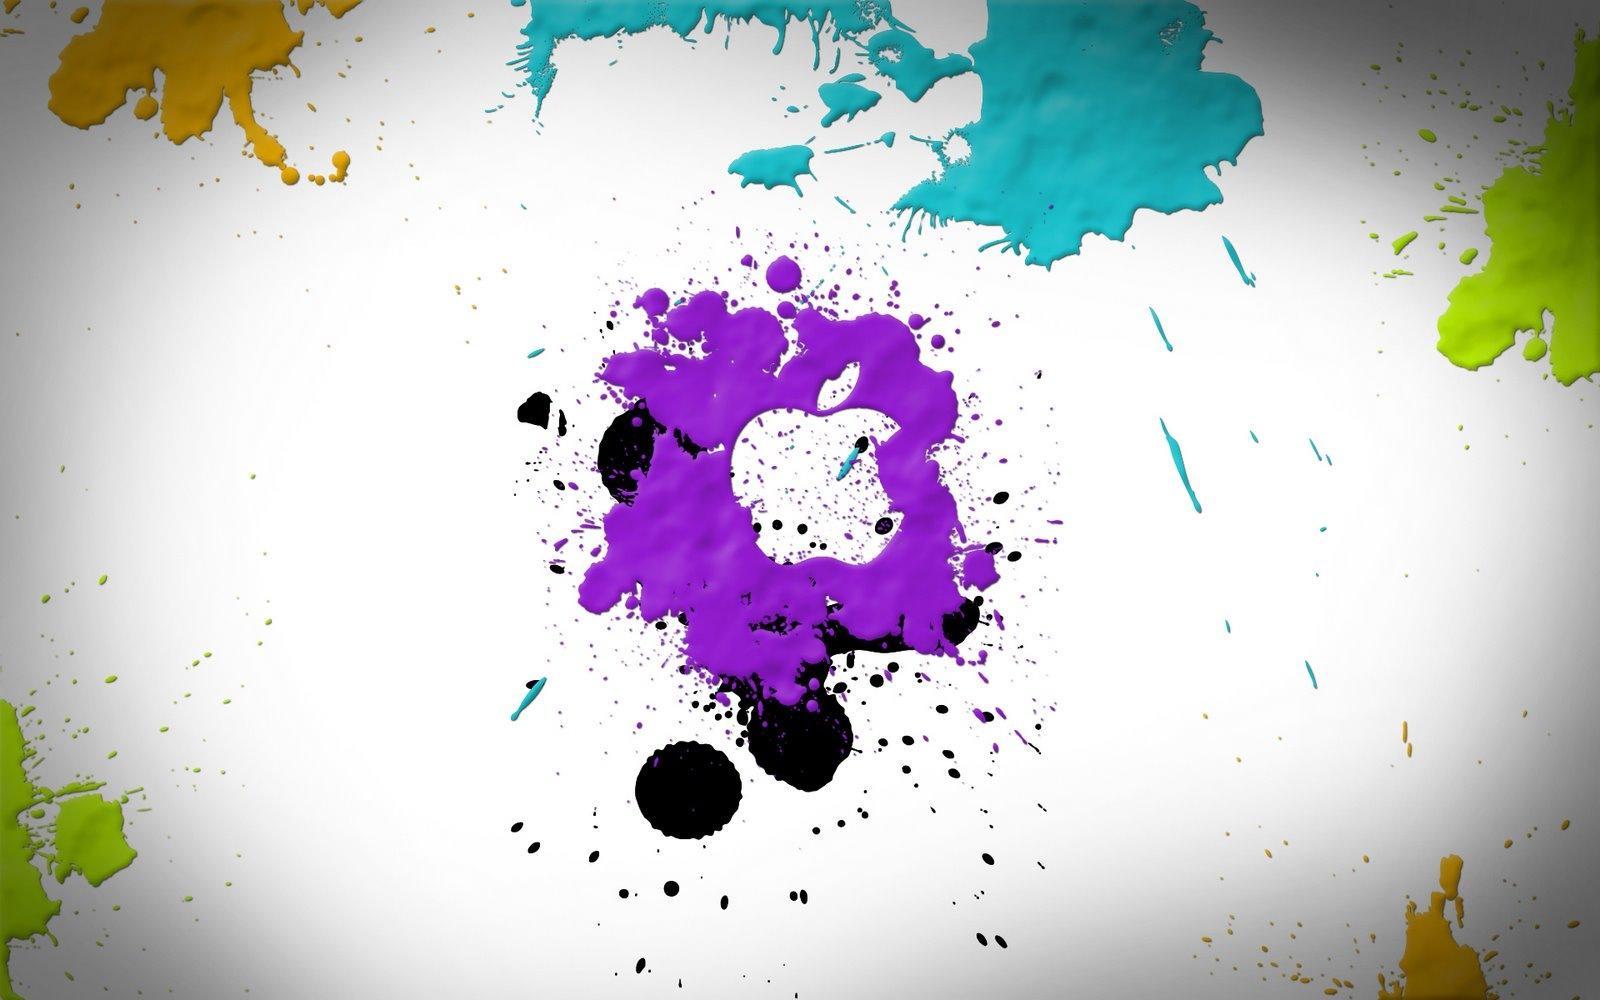 http://2.bp.blogspot.com/_YTzUFl2heWQ/TQTR2MhTMFI/AAAAAAAAAB0/GxTb175crxo/s1600/paint-splatter-apple-wallpaper.jpg